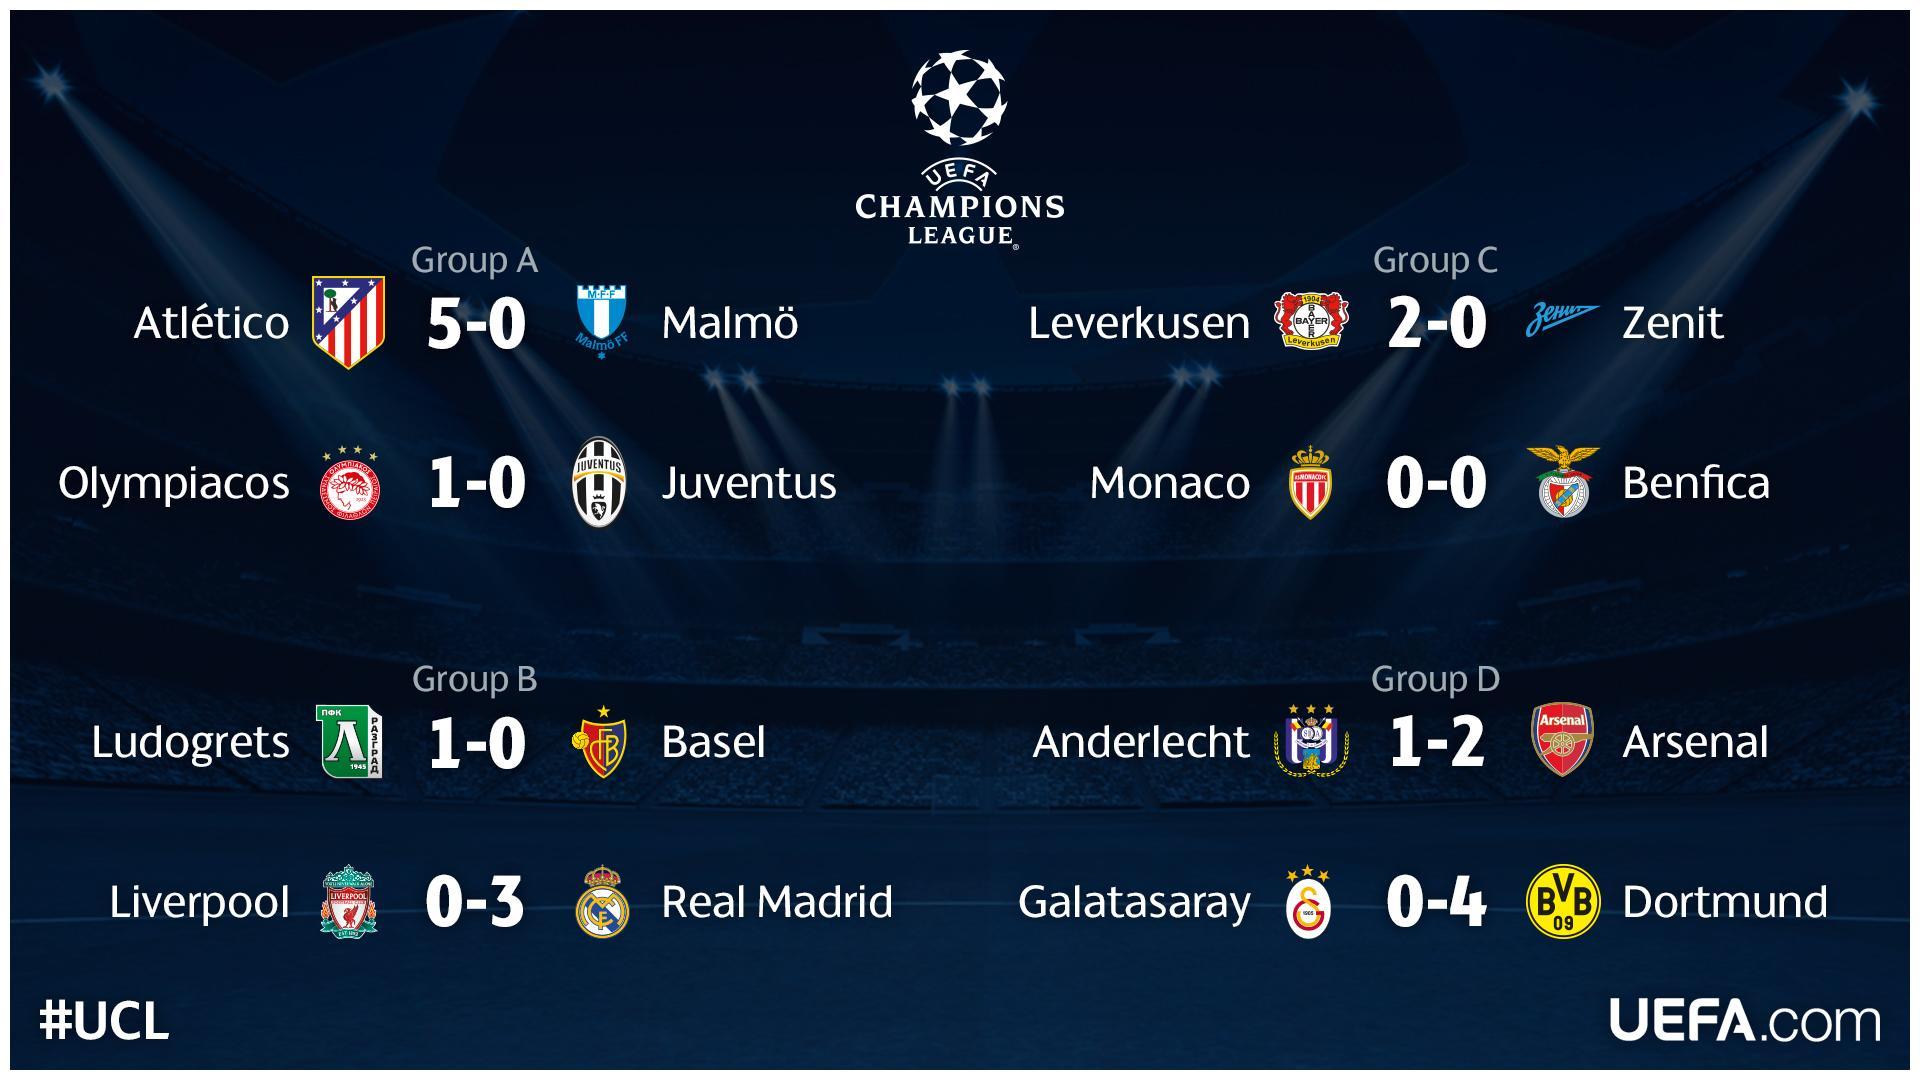 Resultados Champions League 2015 2016 | newhairstylesformen2014.com